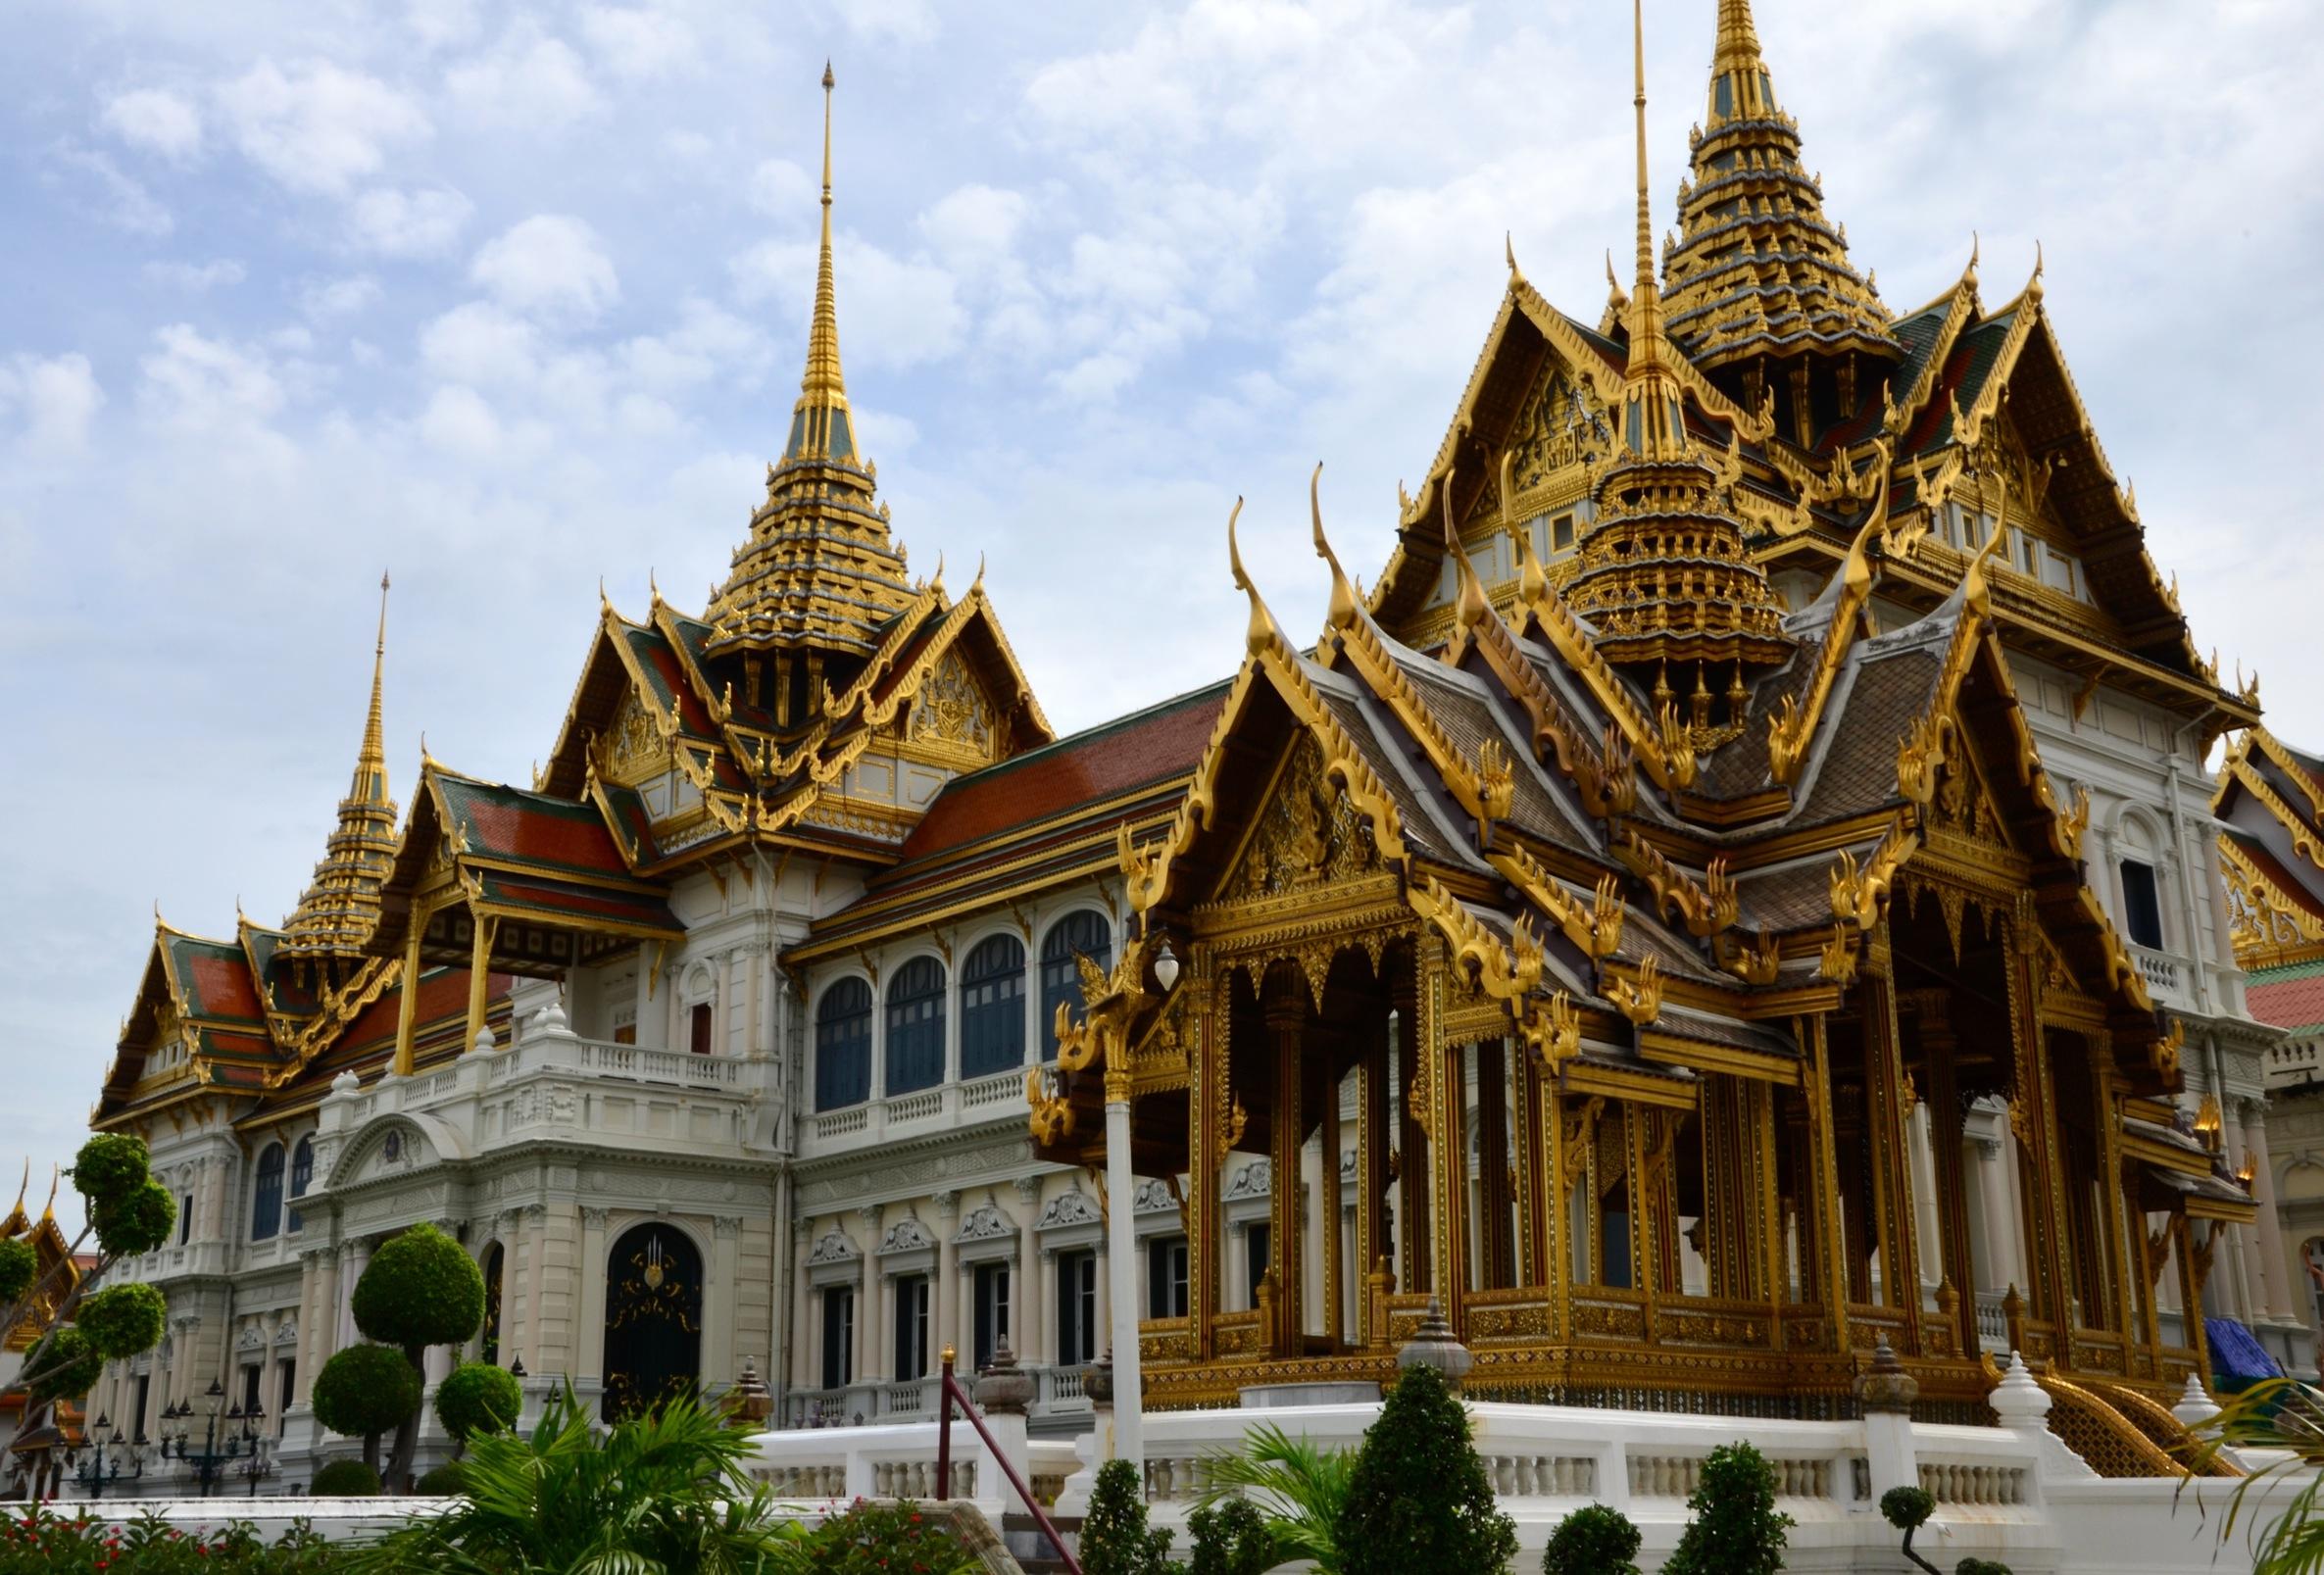 Ein bisschen Pomp darf's sein: Der Königspalast in Bangkok. Zum Staunen und staunen und staunen